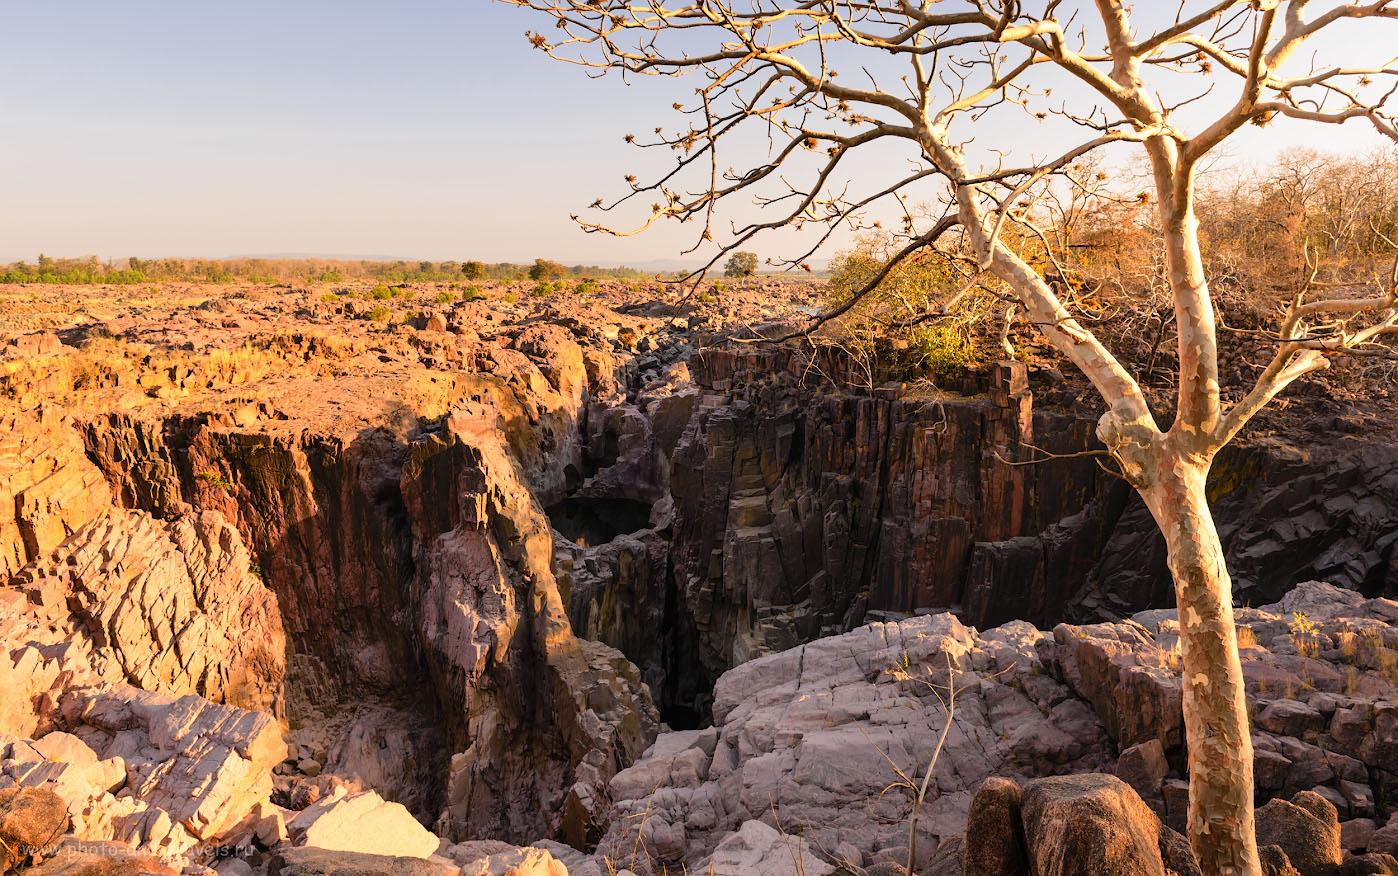 Снимок 19. Тут должен был быть водопад Ранех (Raneh Falls). Отзывы об экскурсии в окрестностях Кхаджурахо. 1/60, -0.67, 9.0, 100, 26.